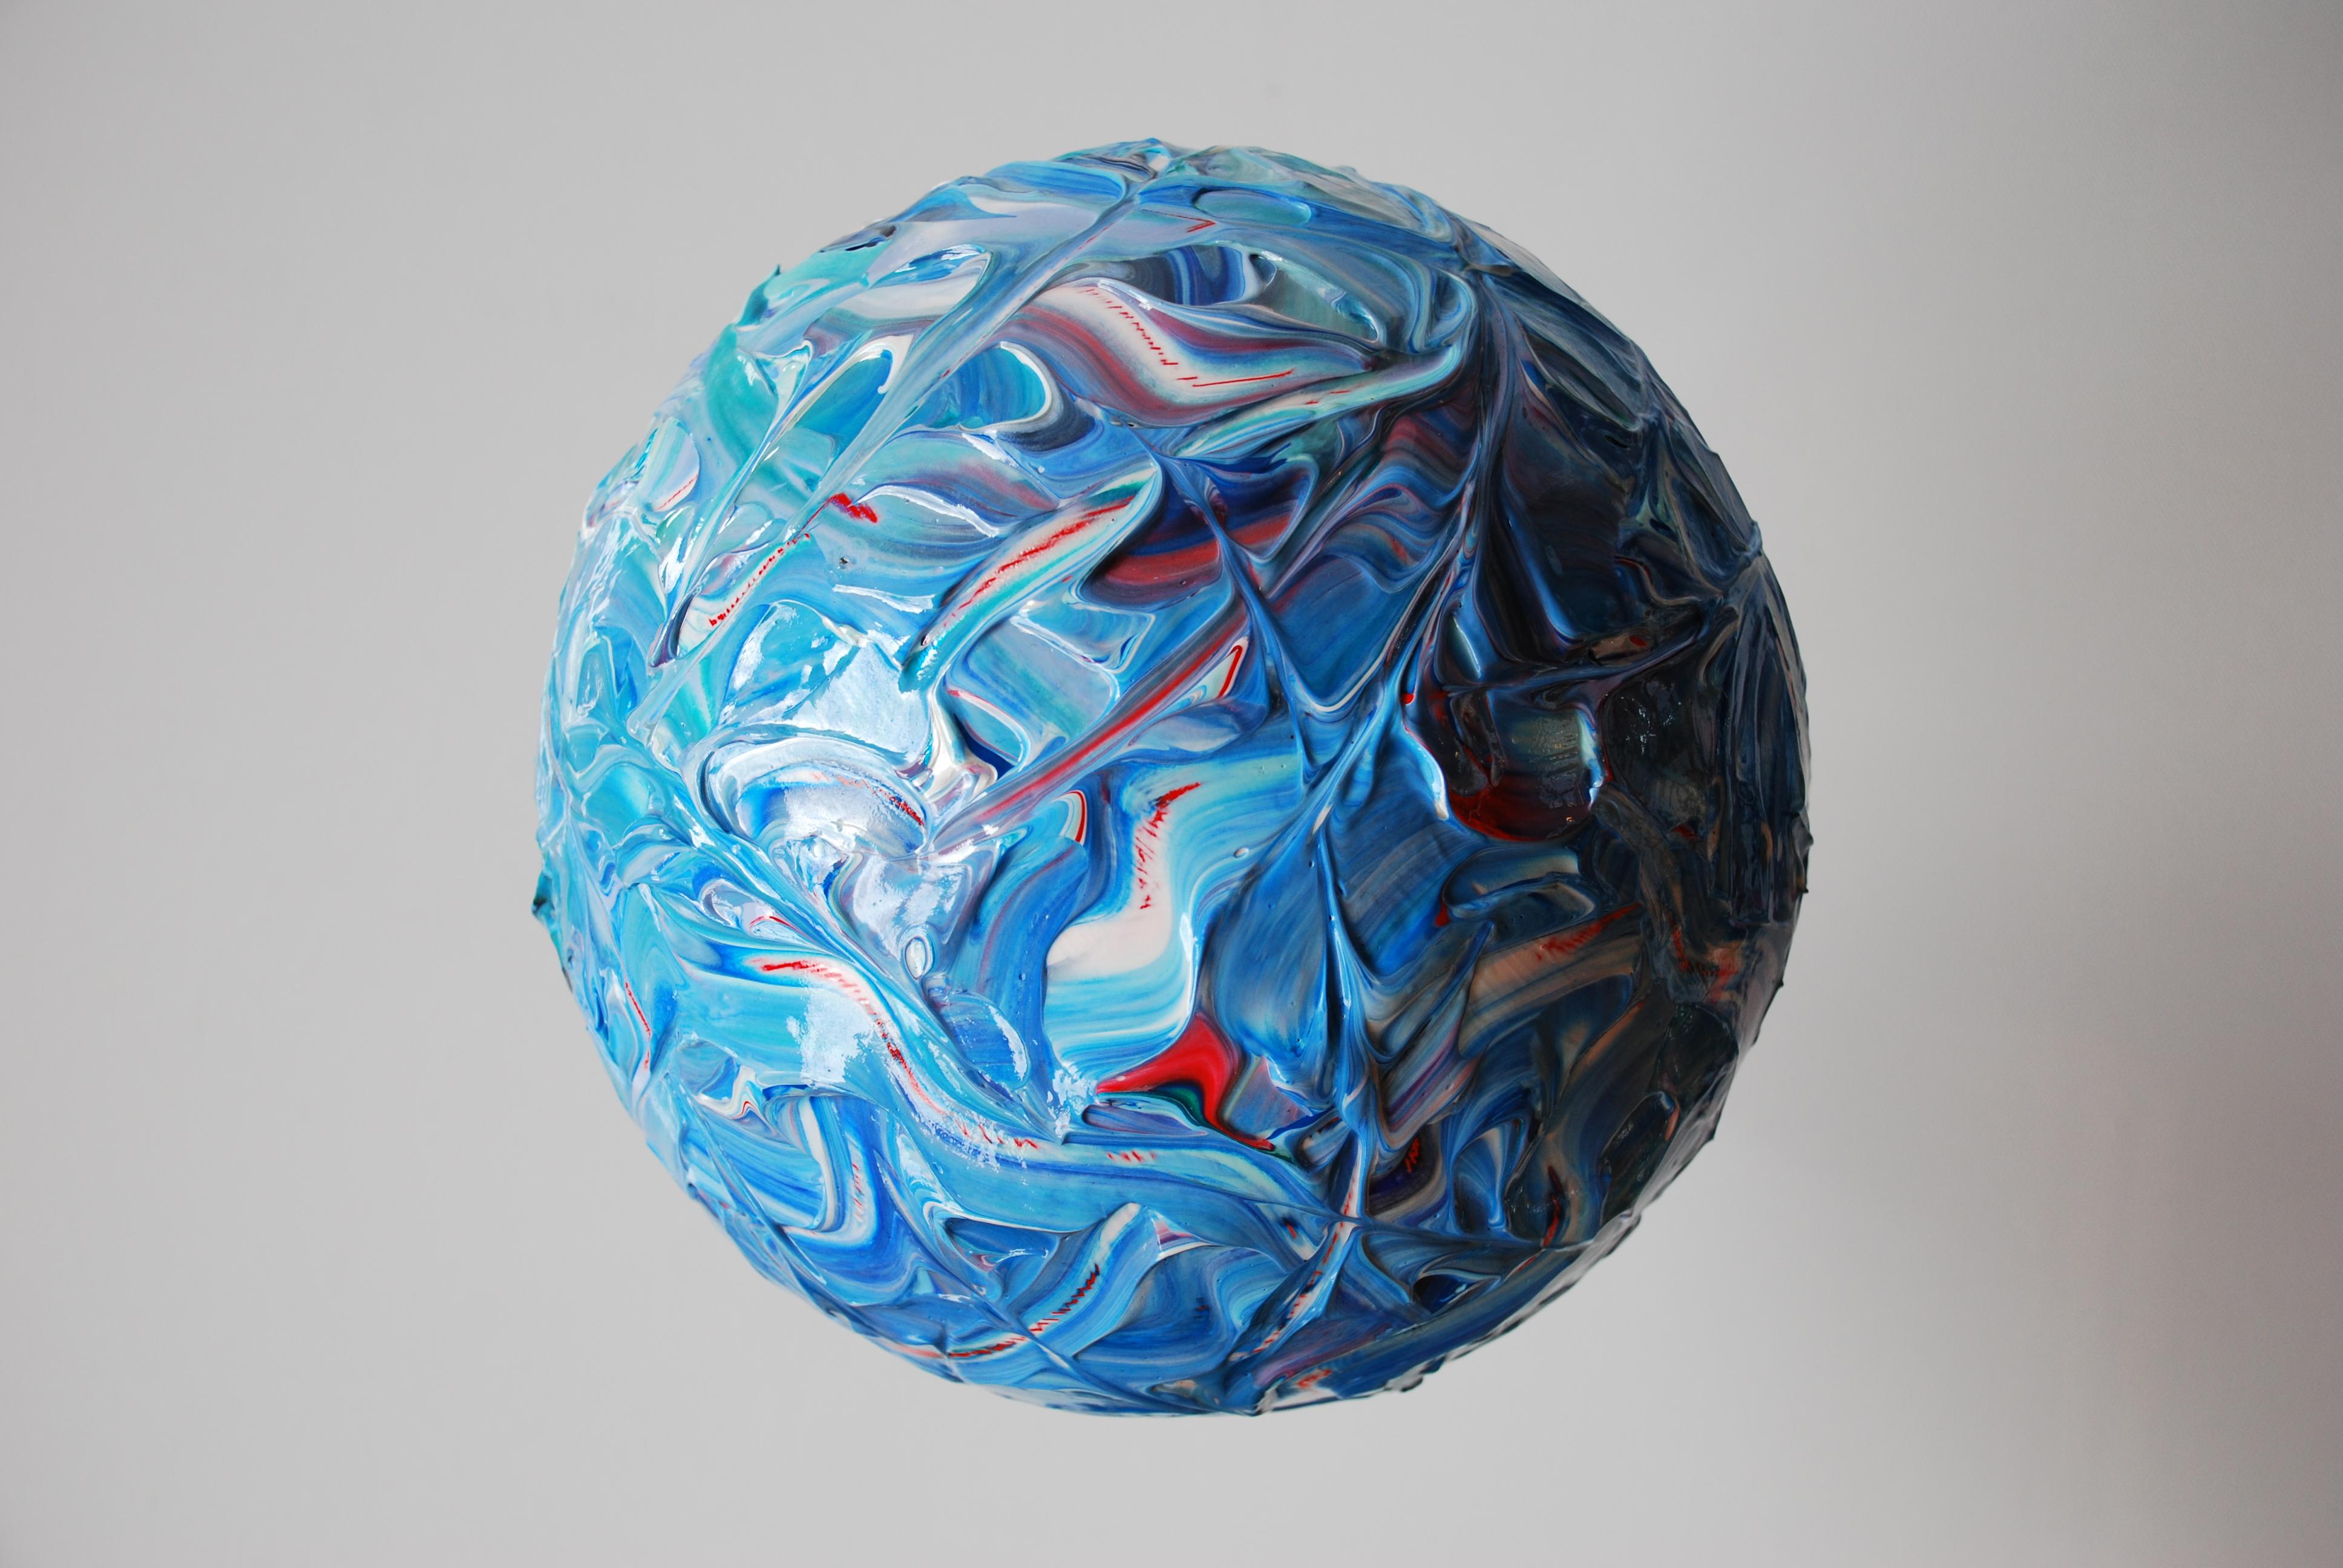 Cette sculpture trouve sa place dans la série Stellar Genesis. Elle porte le nom d'une étoile géante bleue. Cette série de sculptures, née de la fascination de l'artiste pour le mystère de la Vie, nous amène à nous interroger sur le lien qui uni l'enfance d'un univers naissant et notre propre enfance. Ces créations évoquent aussi bien les innocentes balles rebondissantes de nos jeux d'enfants, que la violente boule d'énergie en formation des étoiles. Ces sphères sont le symboles de cette dualité indispensable à la Vie.